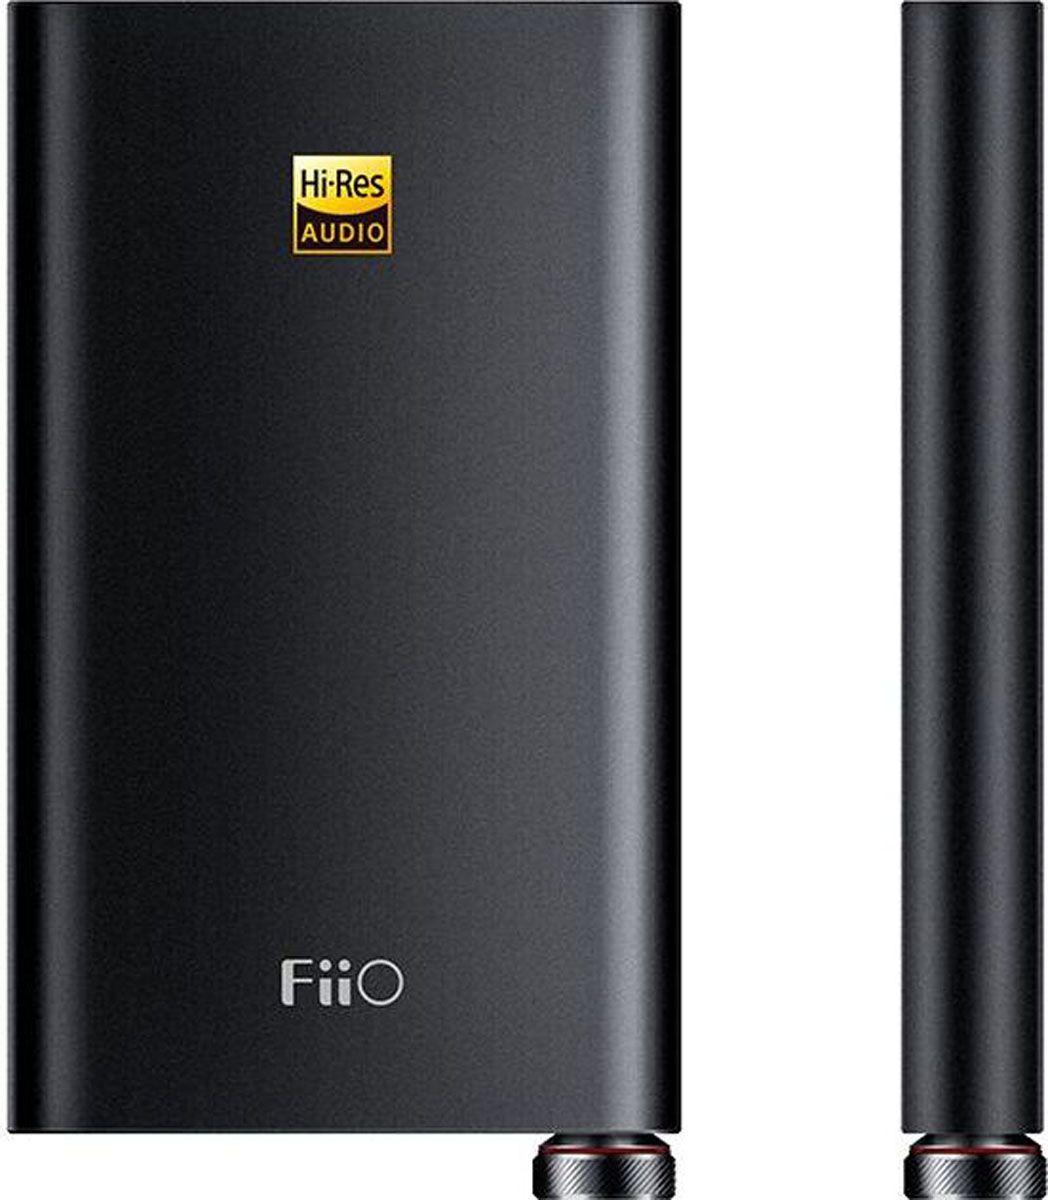 Fiio Q1 II, Black усилитель для наушниковQ1 IIУсилитель и ЦАП для iPhone. Богатый выбор портов для многофункционального применения, в том числе с компьютерами в качестве устройства, передающего звук по USB-соединению, обеспечивает эффективный апгрейд звуковой карты.Модель оснащена как стандартным входом 3.5 мм, так и балансным разъемом 2.5мм. Платформа XMOS позволяет модели распознавать более широкий диапазон музыкальных форматов, в т.ч. Native DSD256.Частотный диапазон: 6 гЦ~80 кГц Время работы: > 20 (AUX-вход) >10ч (USB-вход) Соотношение сигнал/шум: 110дБ Металлический корпус